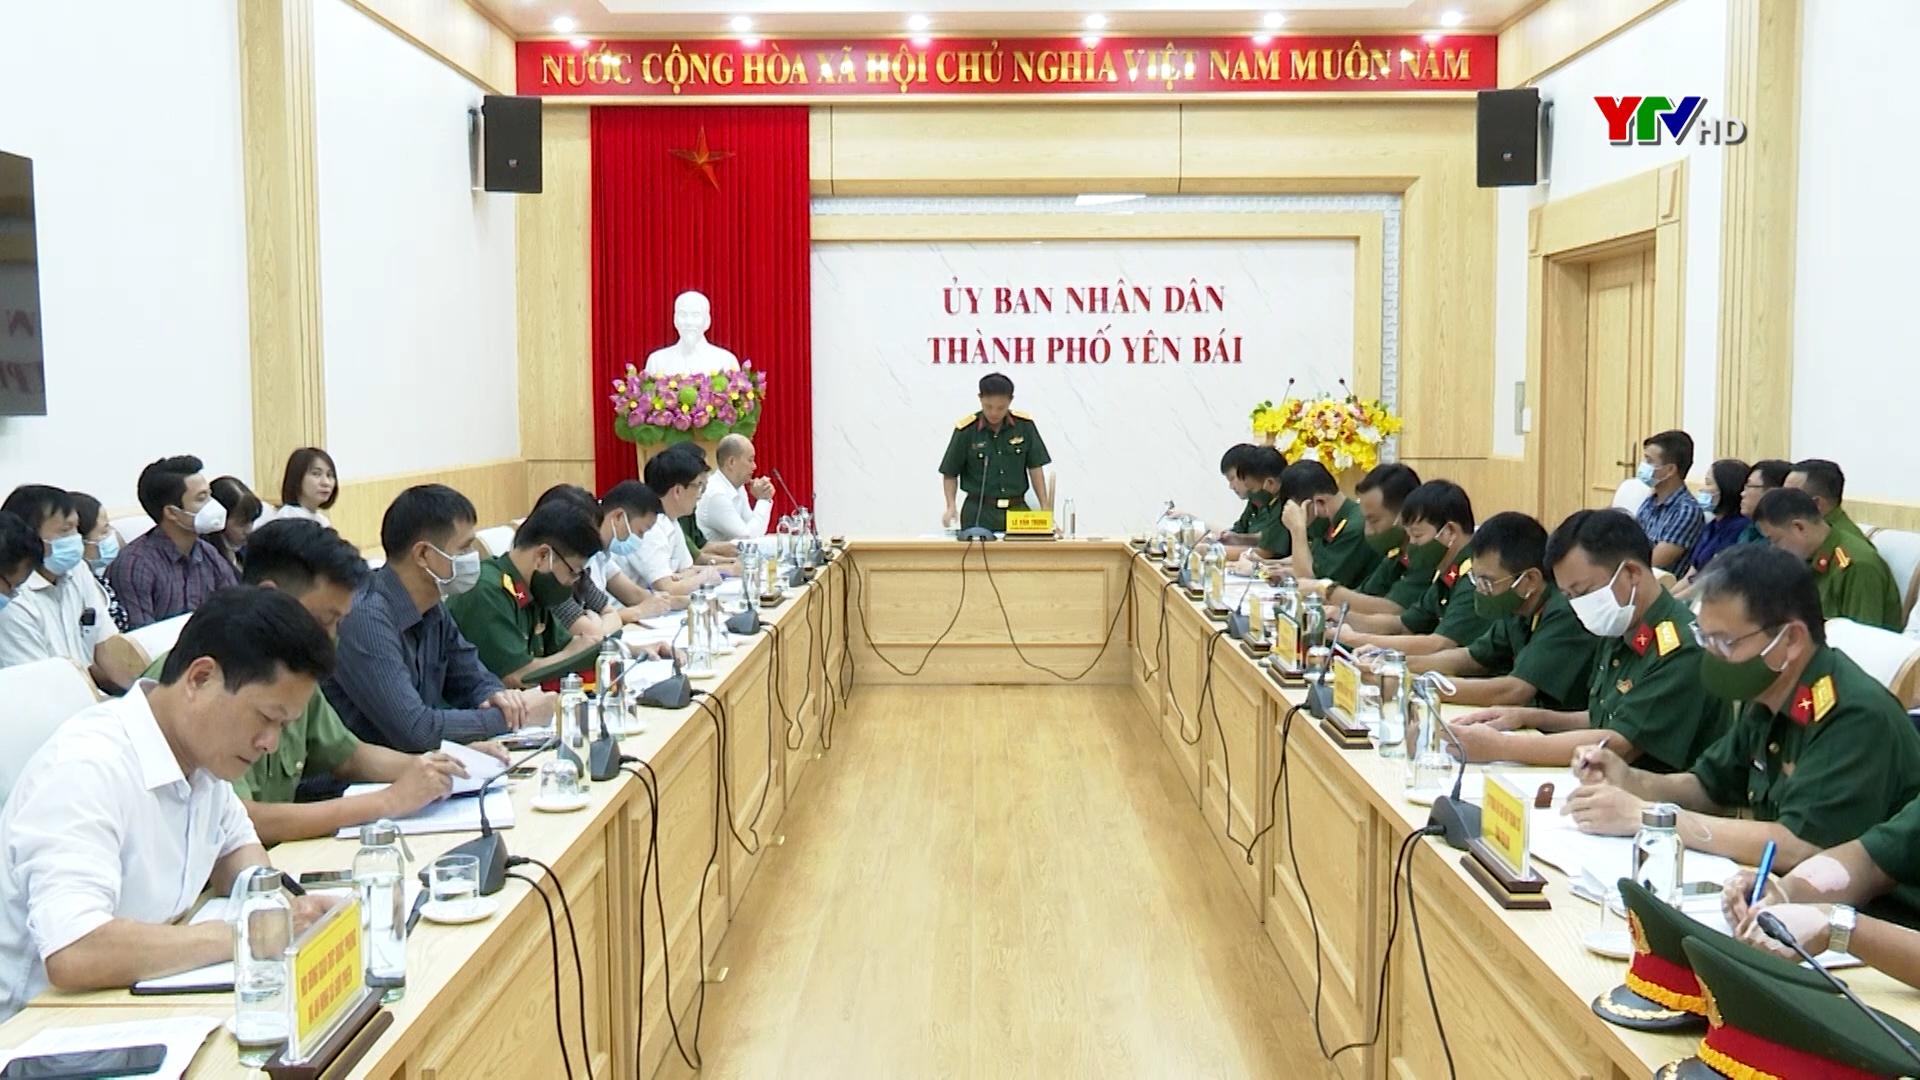 Hội đồng Giáo dục quốc phòng và an ninh Quân khu 2 kiểm tra tại  thành phố Yên Bái